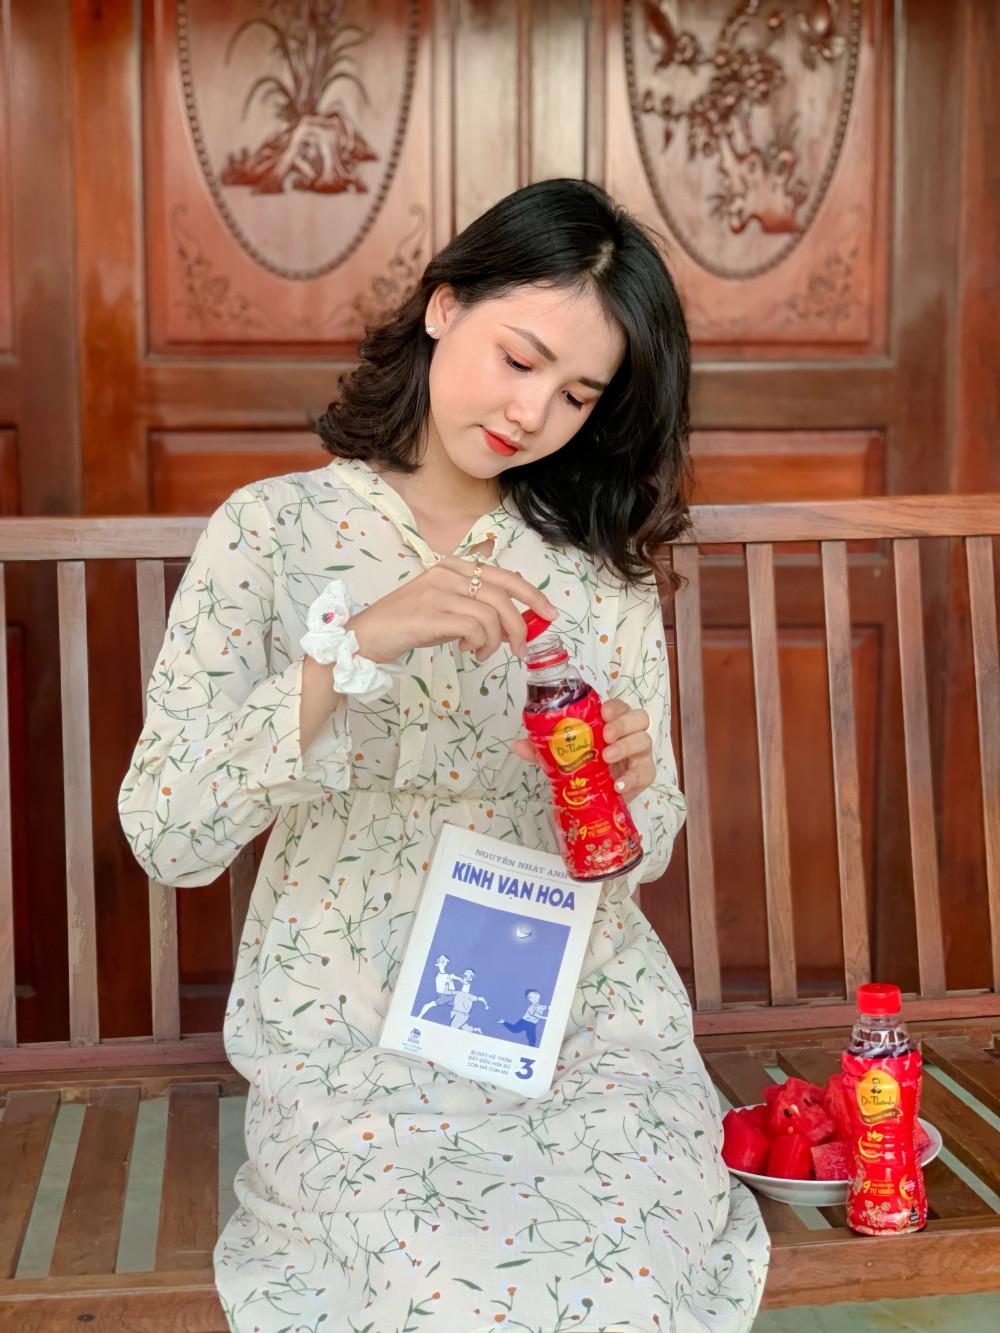 Trà thanh nhiệt Dr Thanh không chỉ giúp kháng vi-rút mà còn tăng cường hệ miễn dịch, cho tinh thần thoải mái, thư giãn